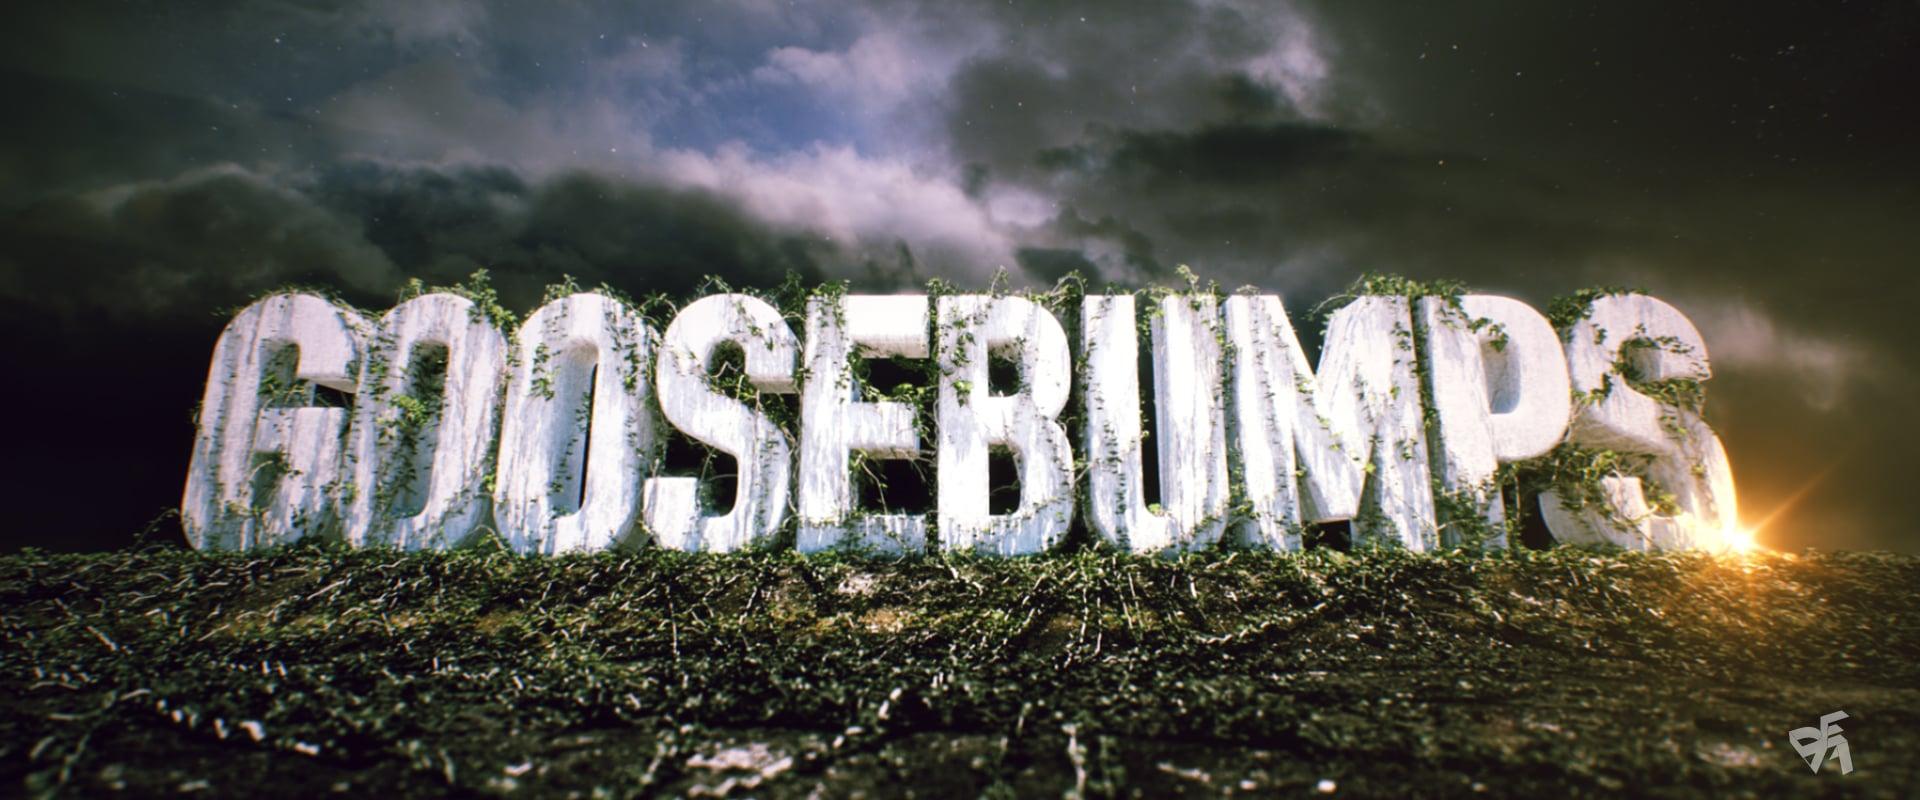 Goosebumps-STYLEFRAME_01.jpg